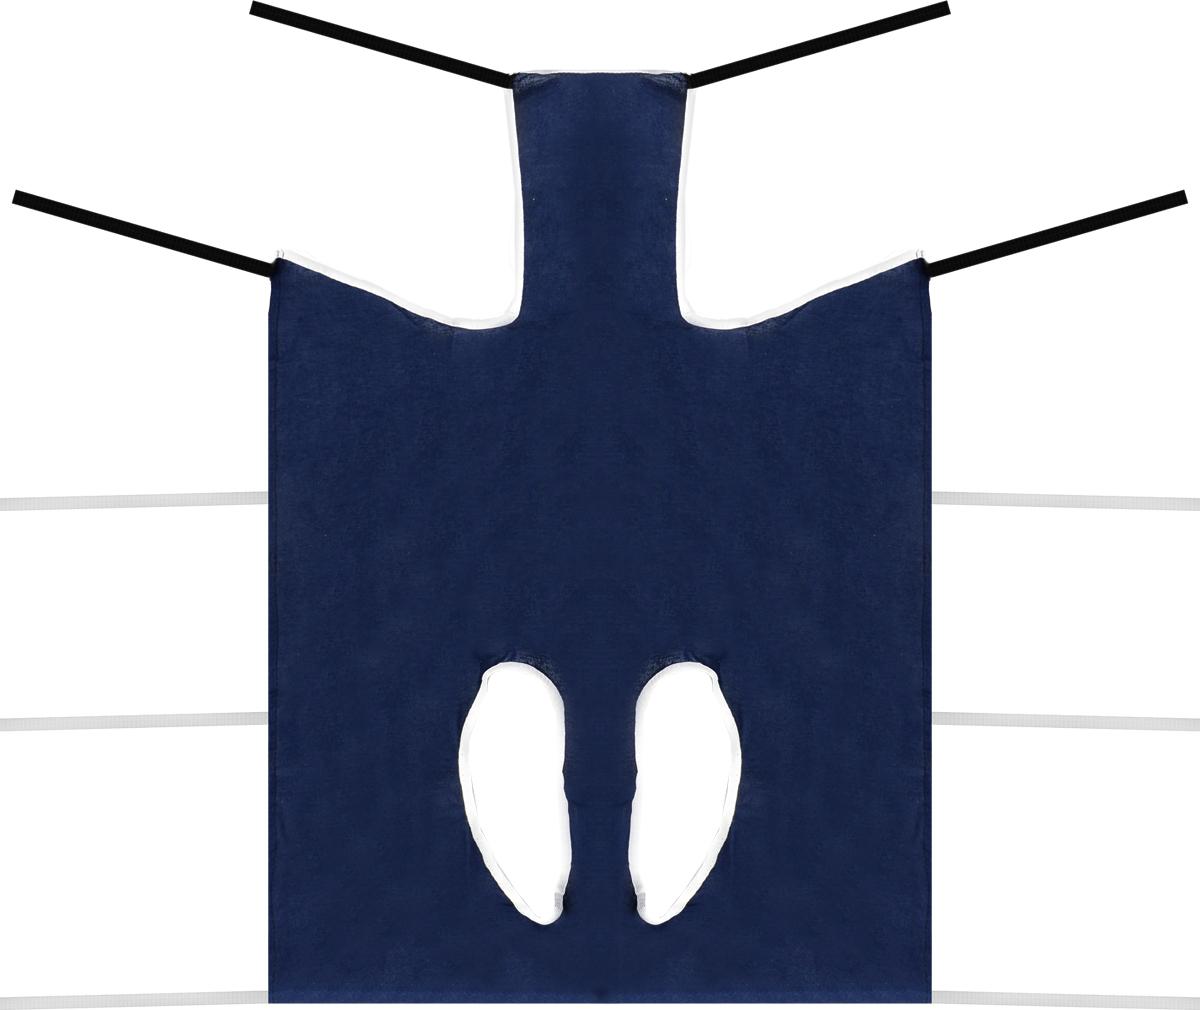 Попона послеоперационная Collar, цвет: темно-синий, белый. Размер 567772Послеоперационная попона для собак Collar выполнена из высококачественного текстиля, благодаря чему хорошо вентилируется. Применяется при перевязке животных. Один слой плотной ткани помогает достичь надежной изоляции раны. Закрепляется при помощи завязок. Обхват груди: 65-95 см. Длина по спинке: 80 см.